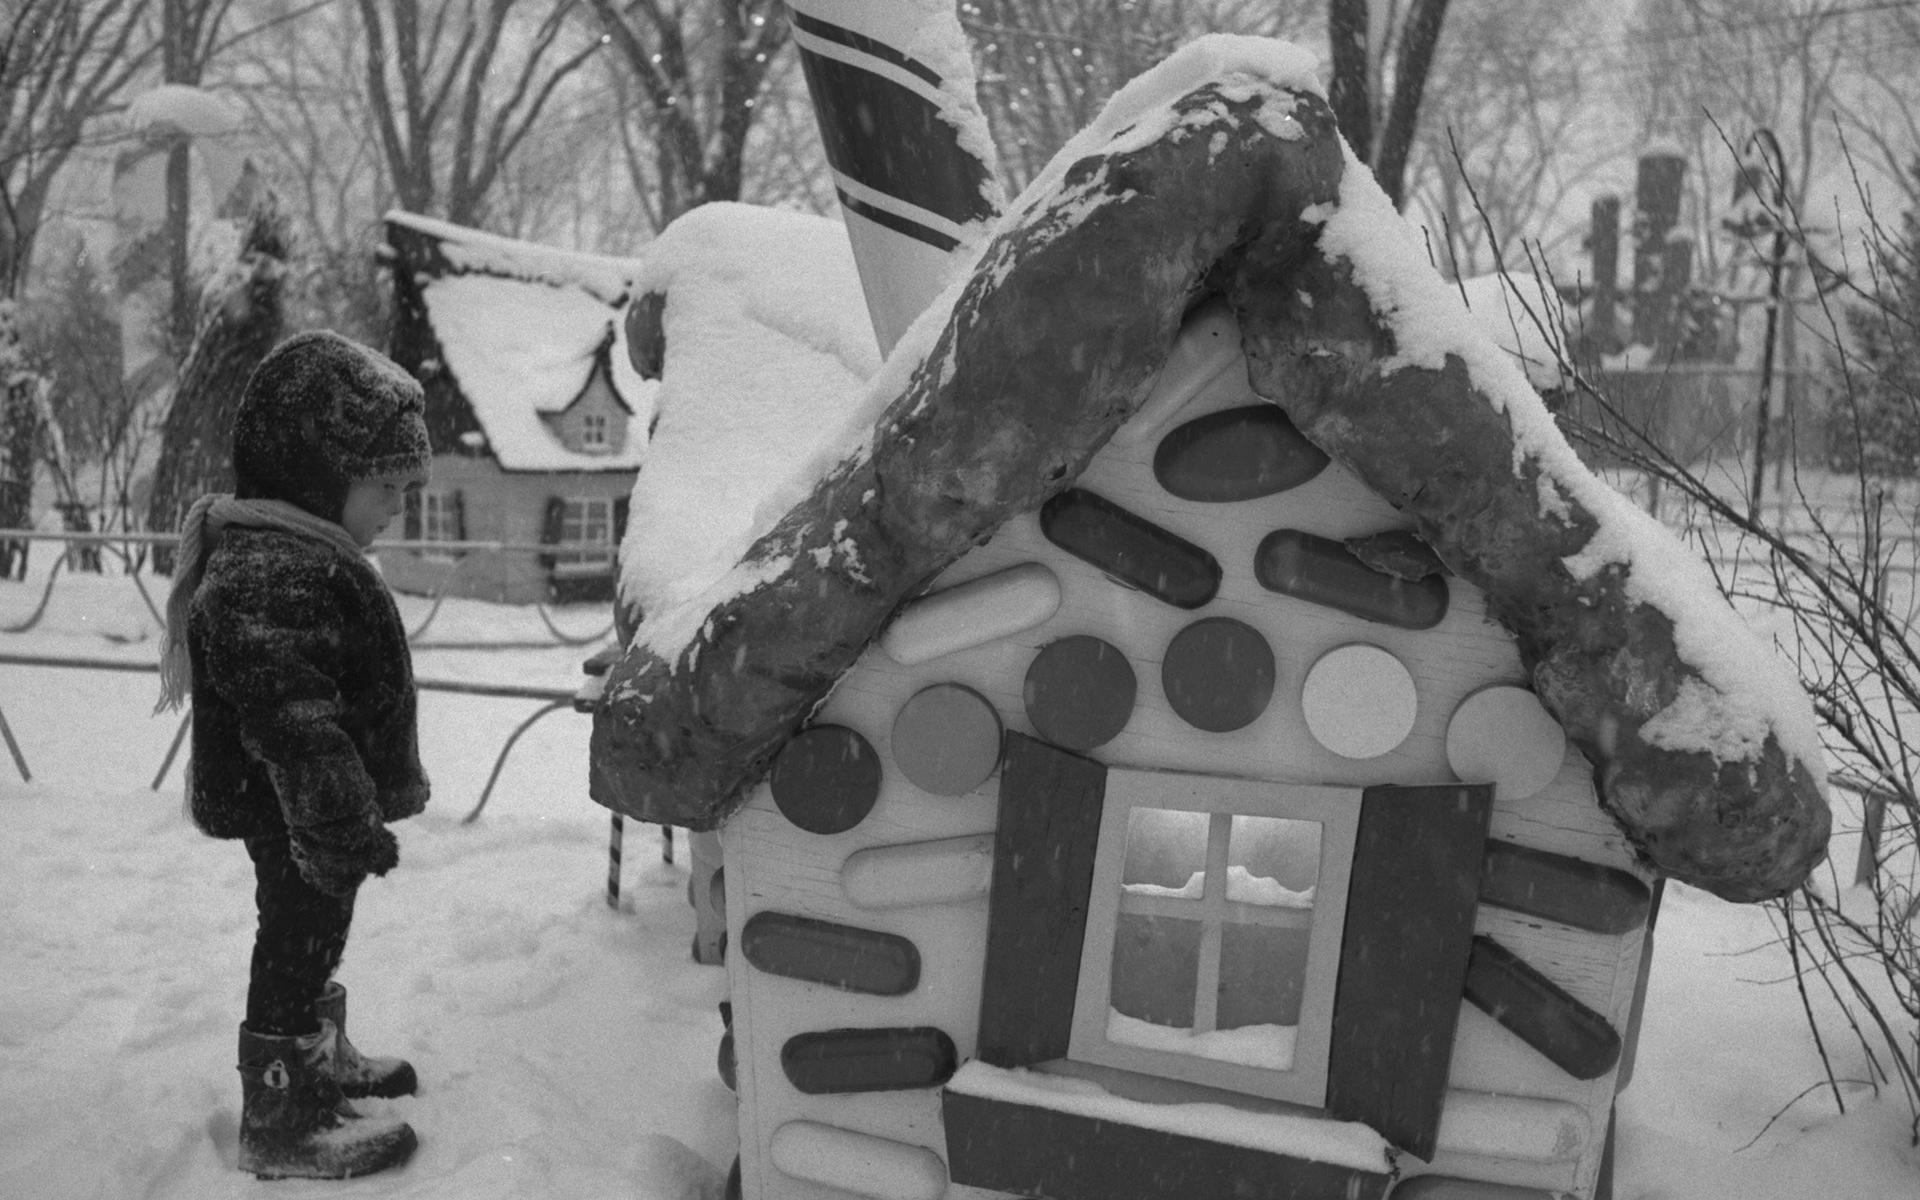 Un jeune enfant en vêtements d'hiver regarde une maisonnette en bonbons.